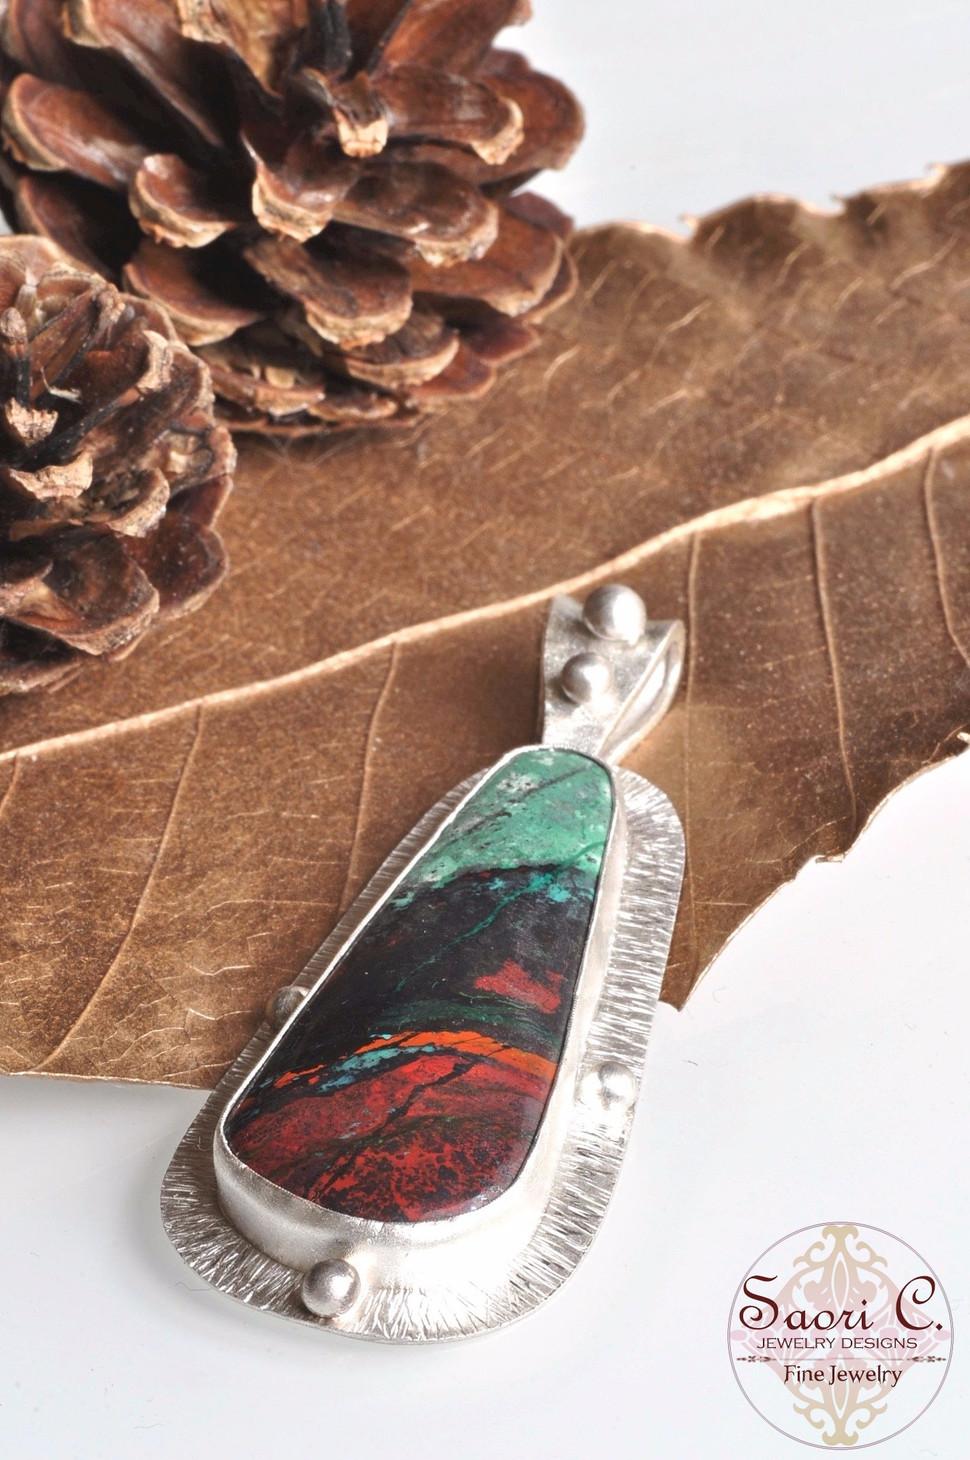 Custom Jewelry Work